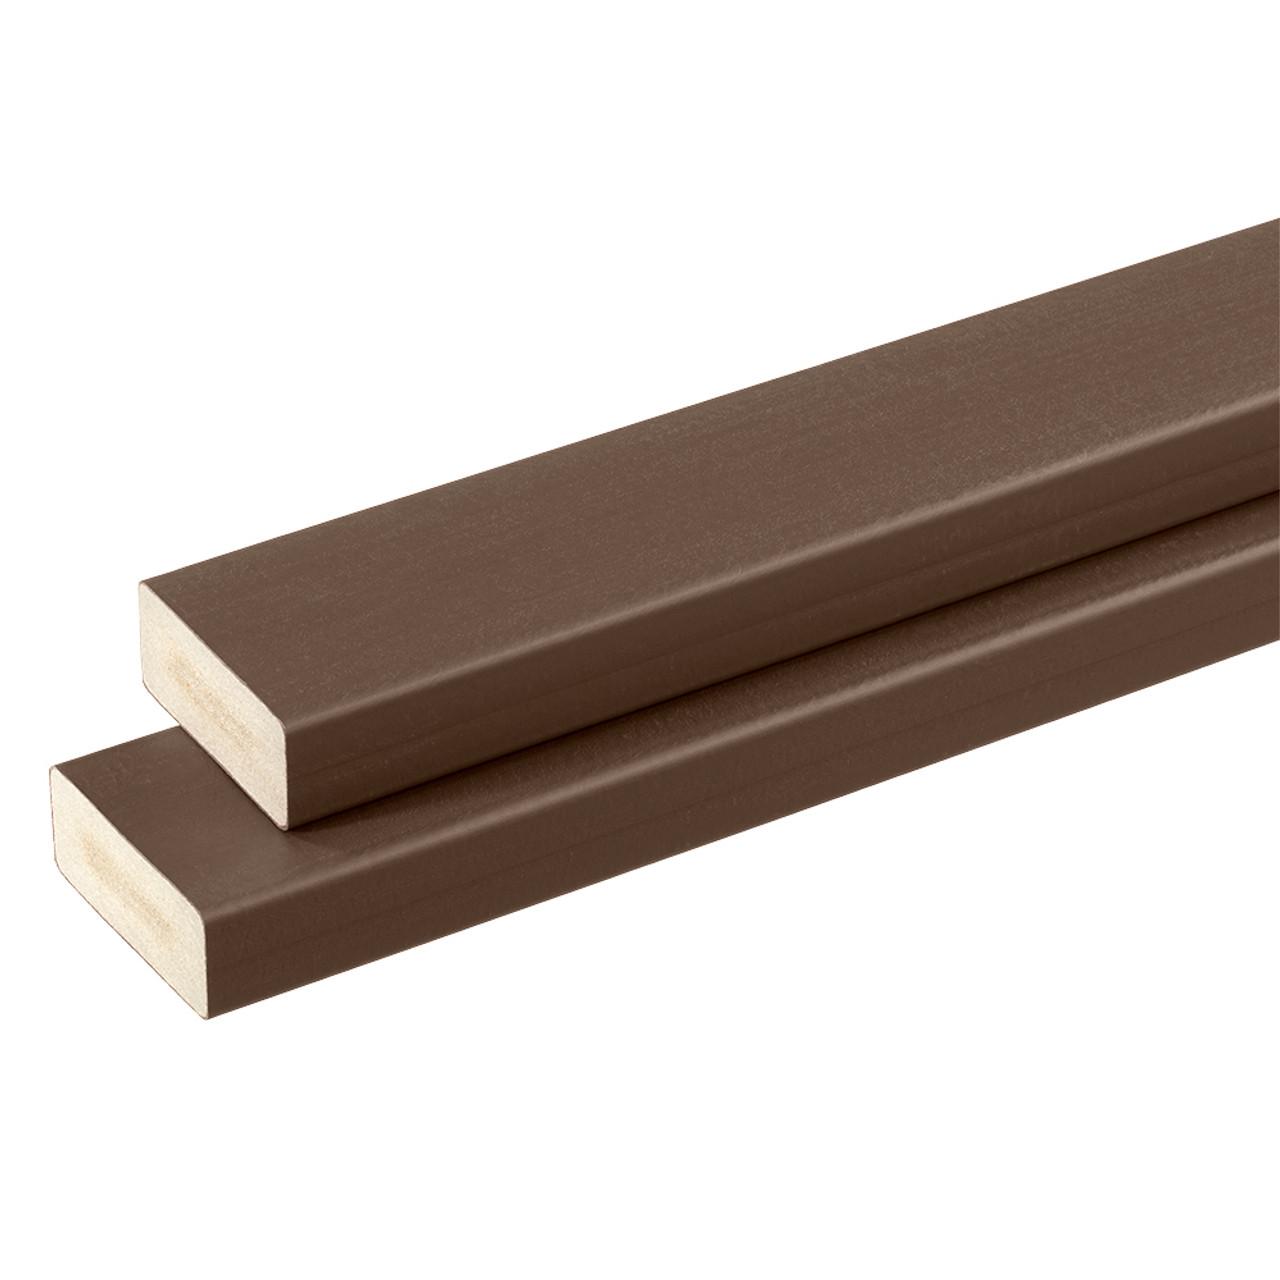 Timbertech BuilderRail 2x4 Rails